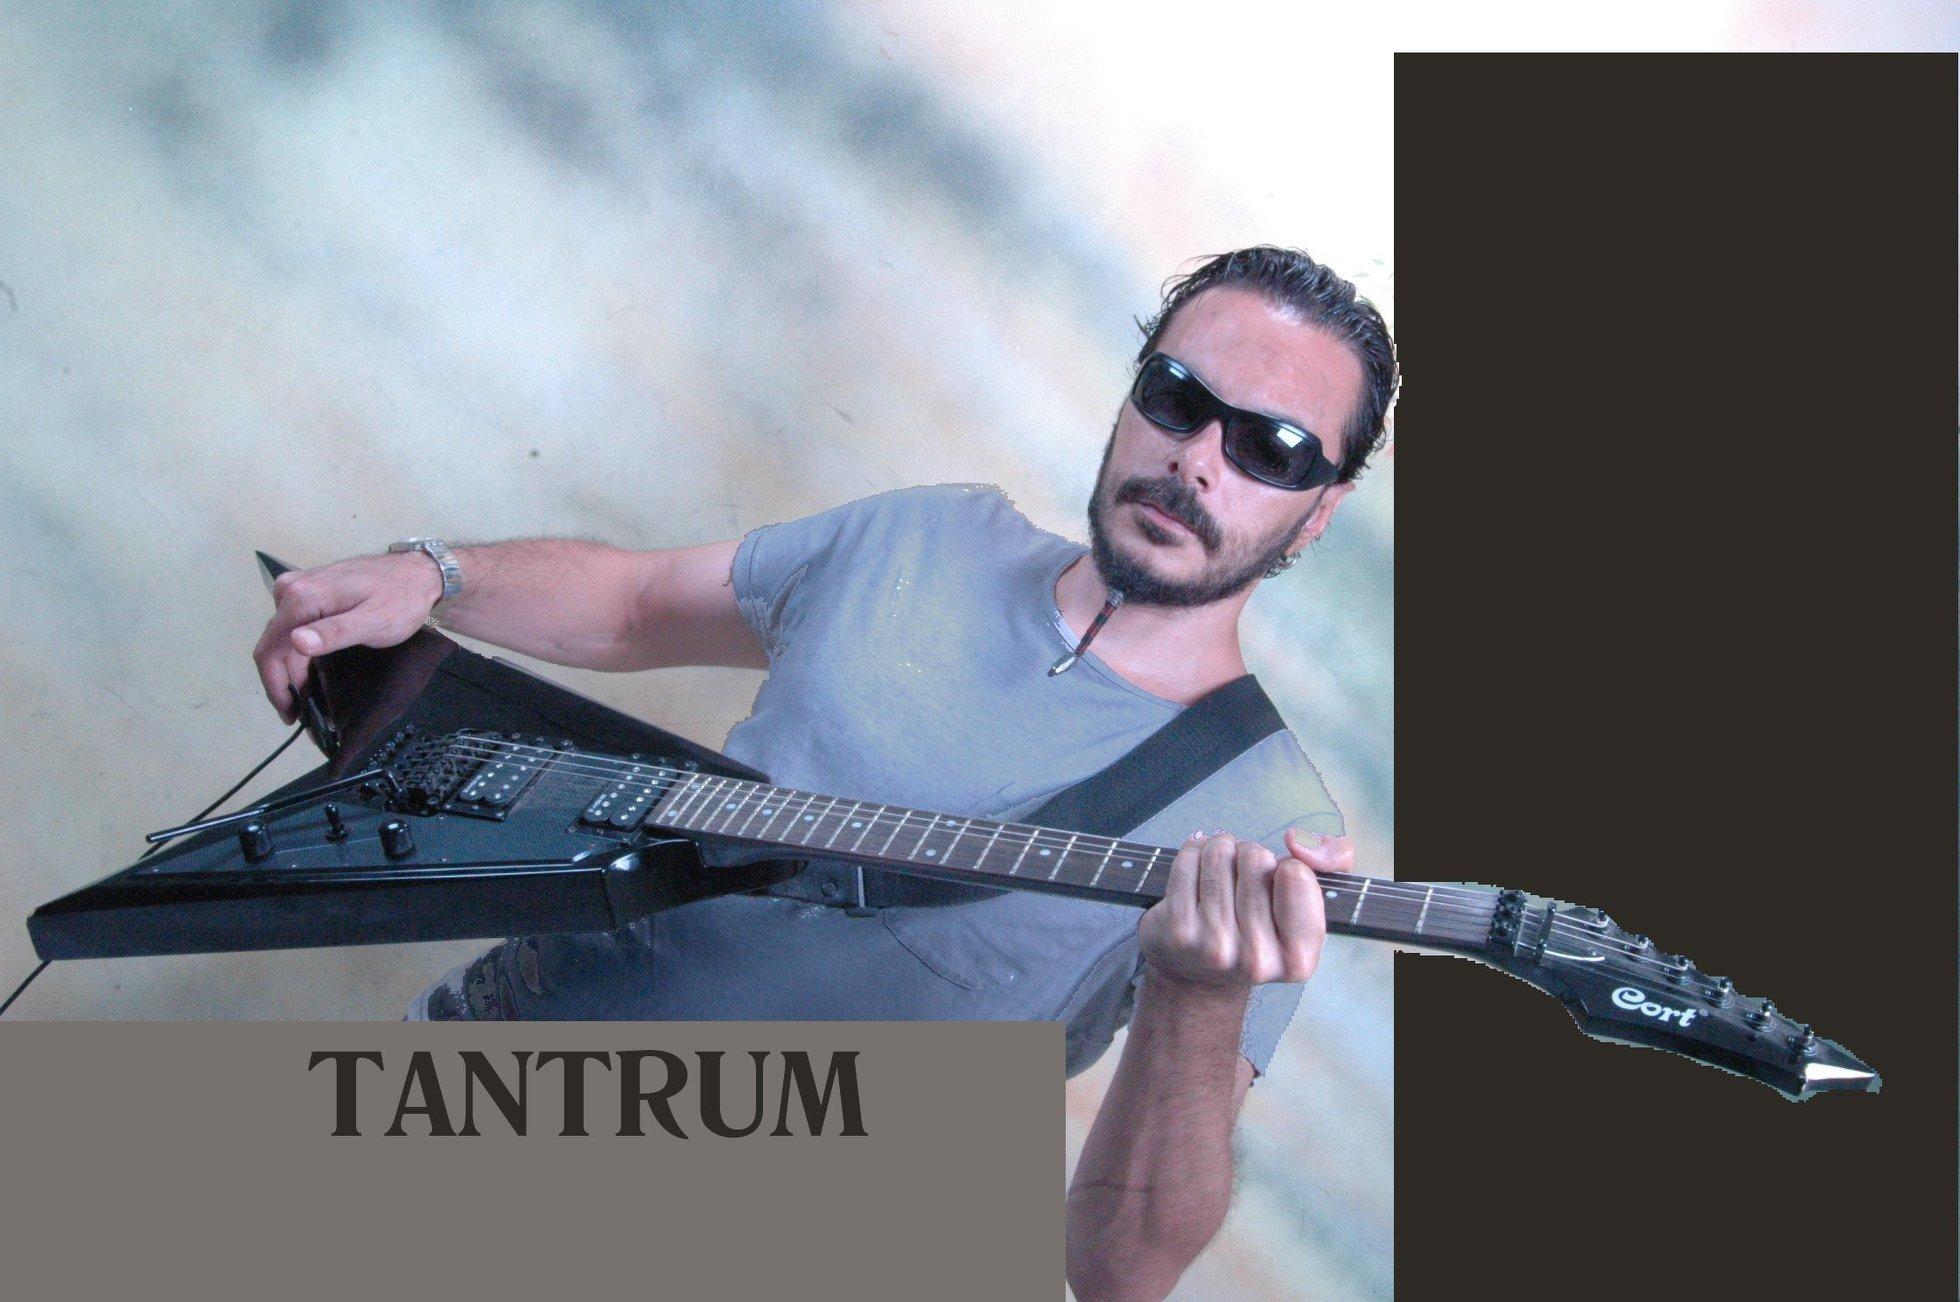 TANTRUM picture